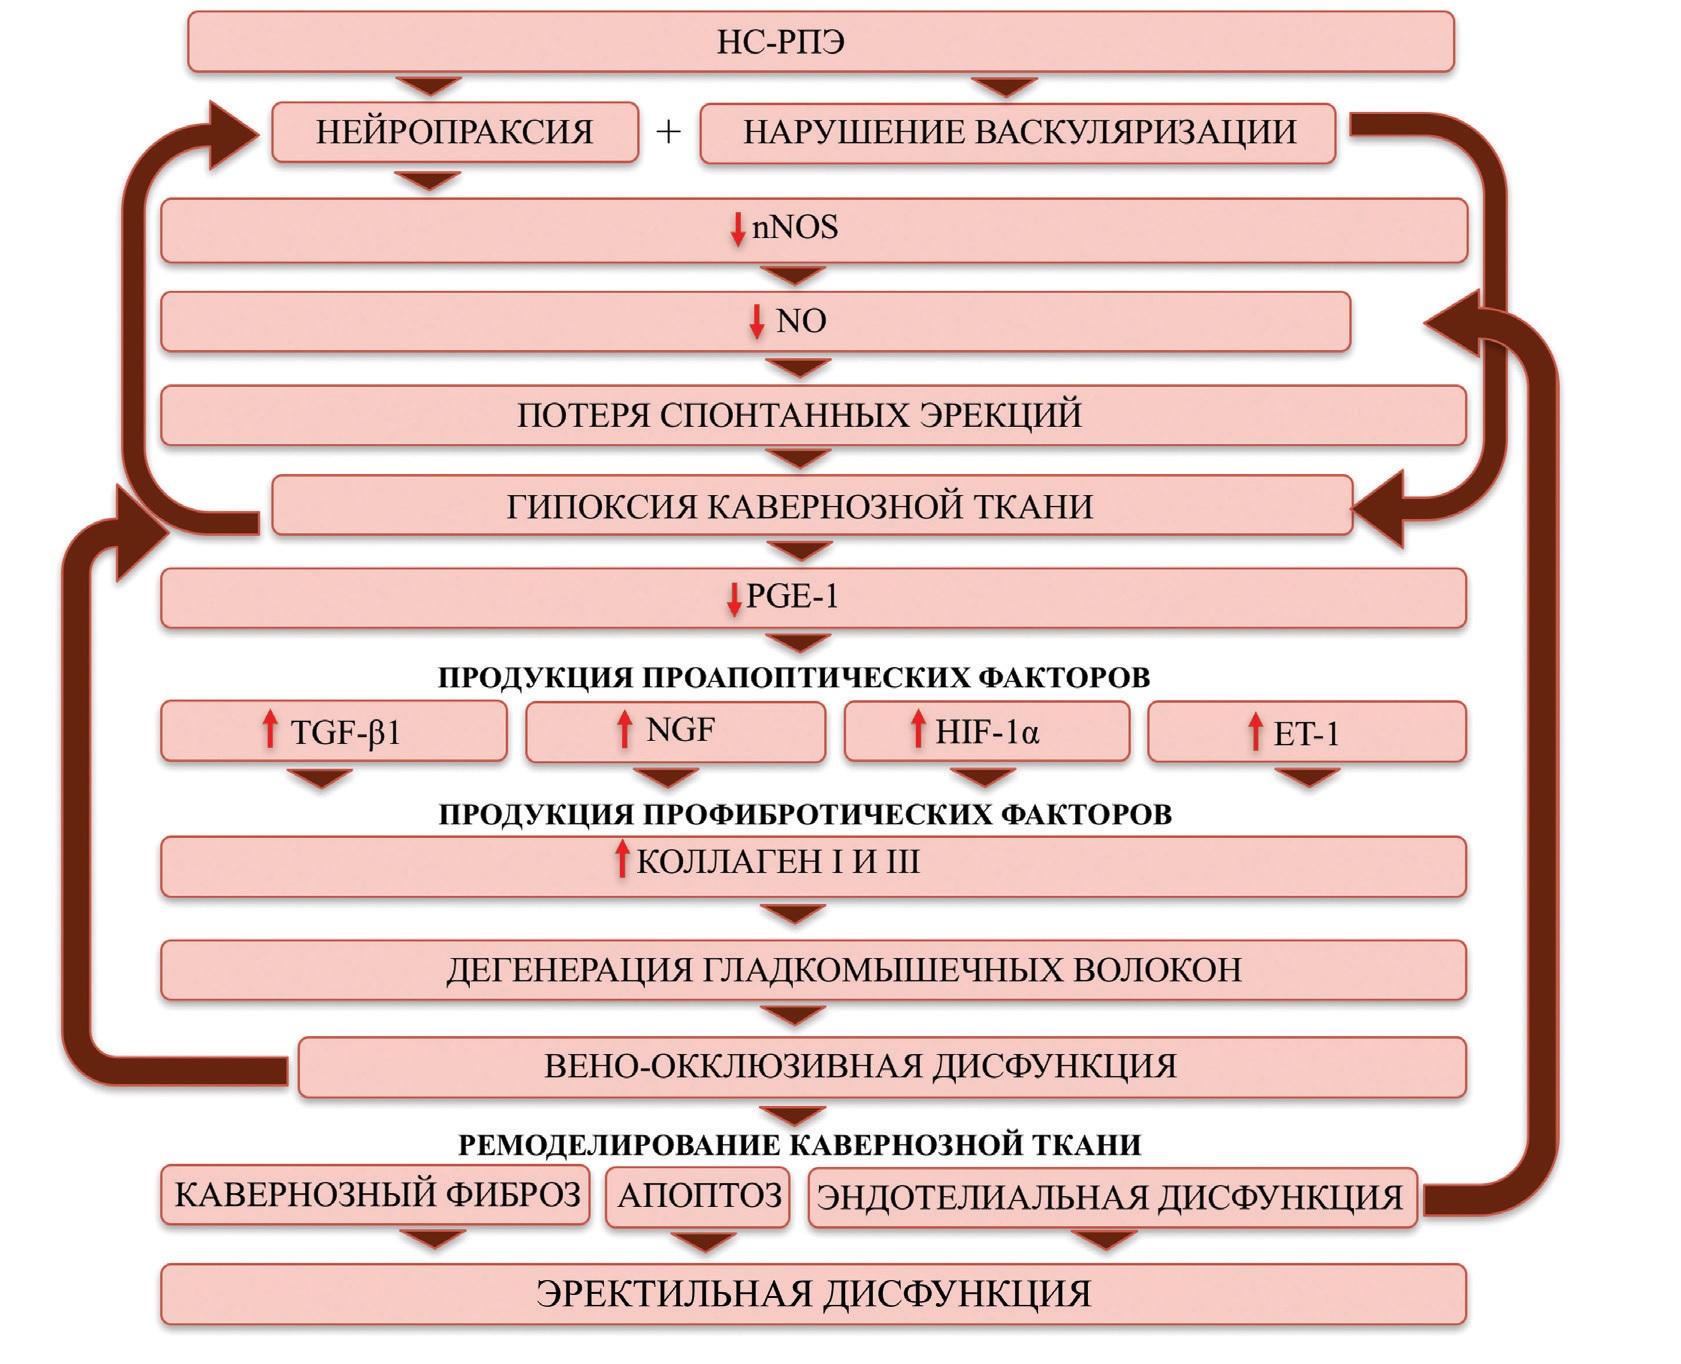 Патогенез эректильной дисфункции после радикальной простатэктомии